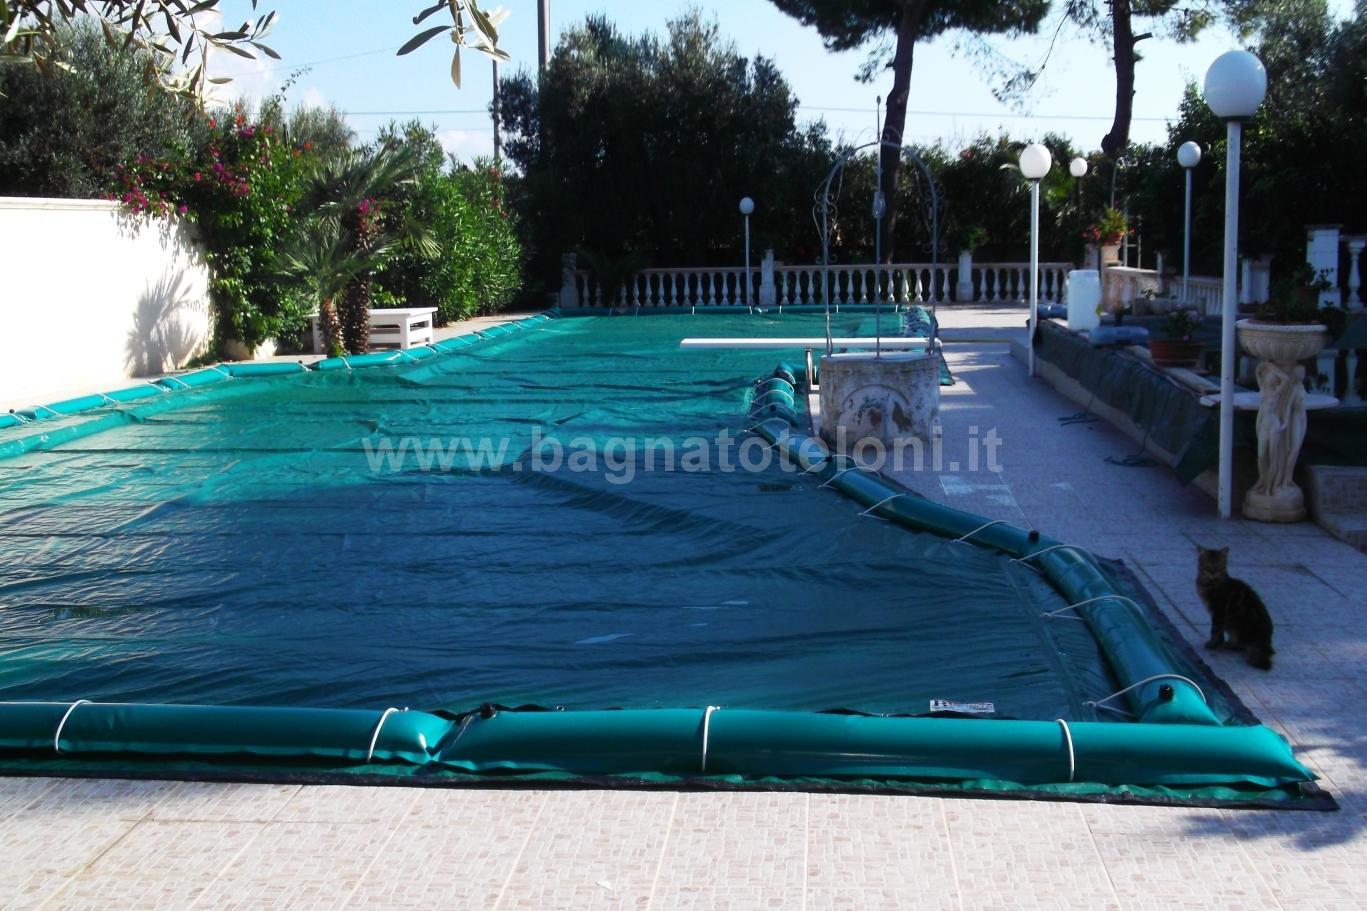 coperture elettrosaldate per piscine